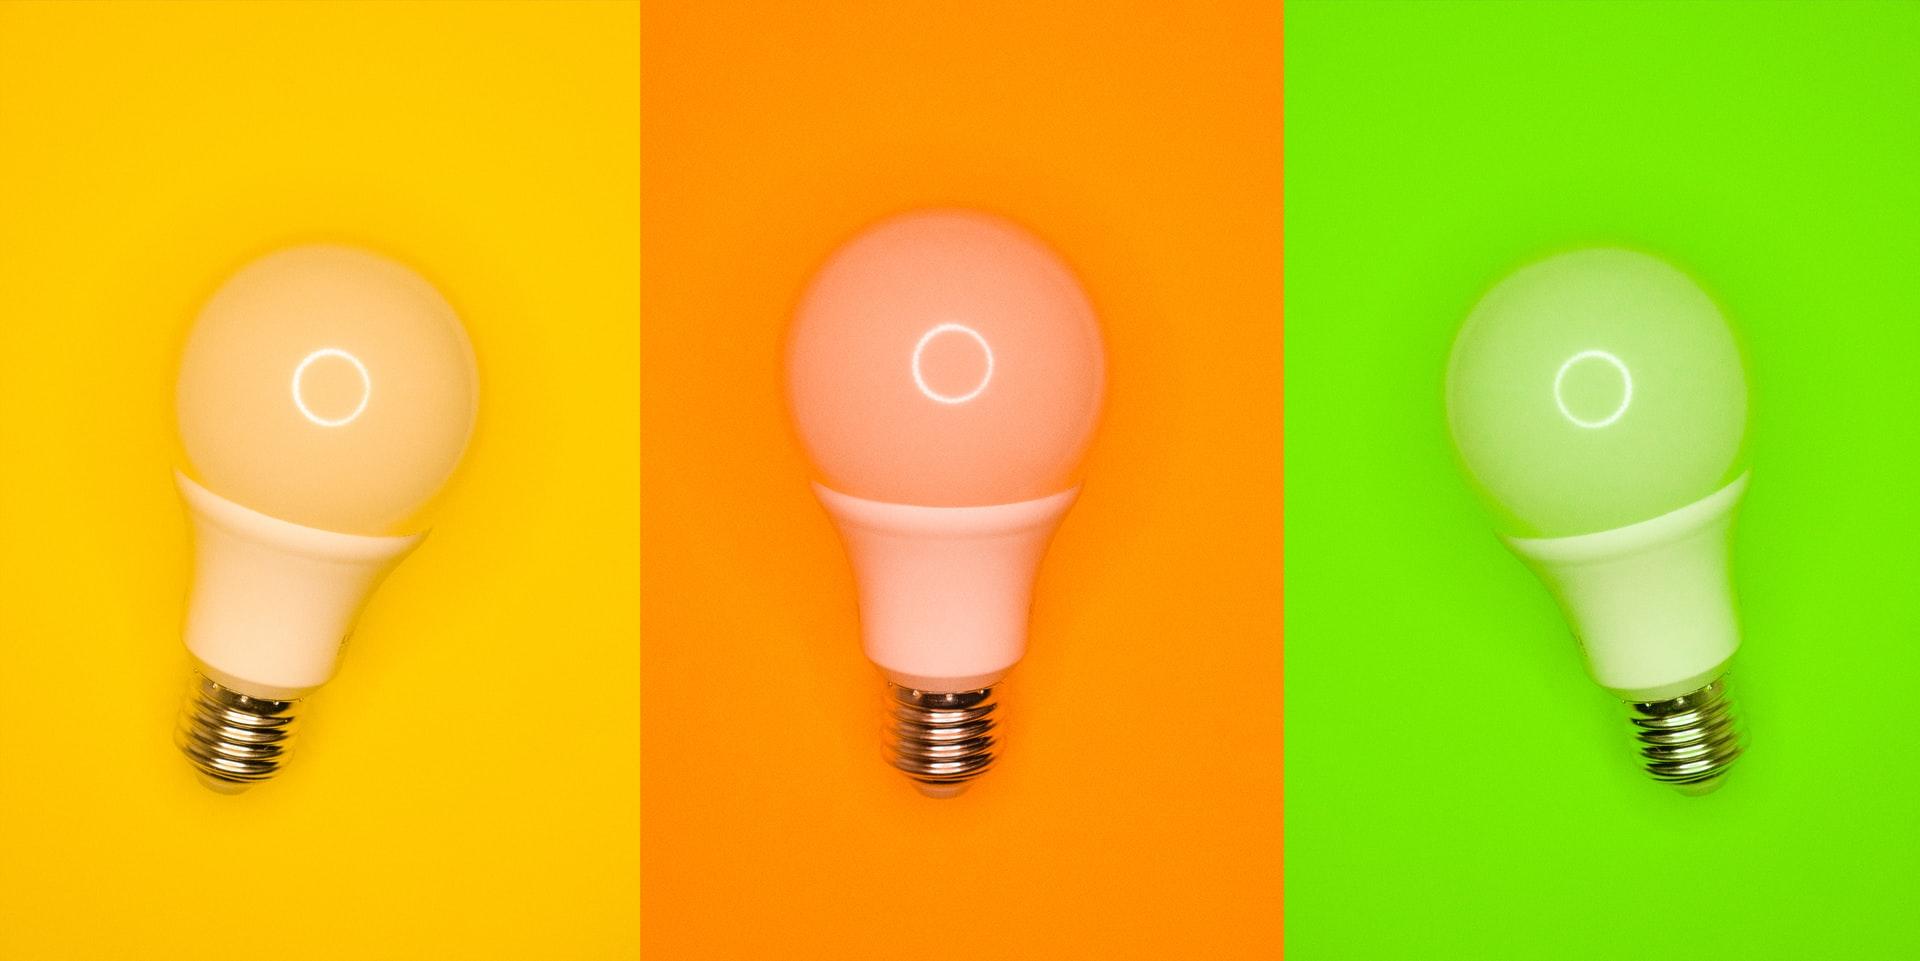 オフィスのコスト(経費)削減に効果的な24個のアイデアまとめ